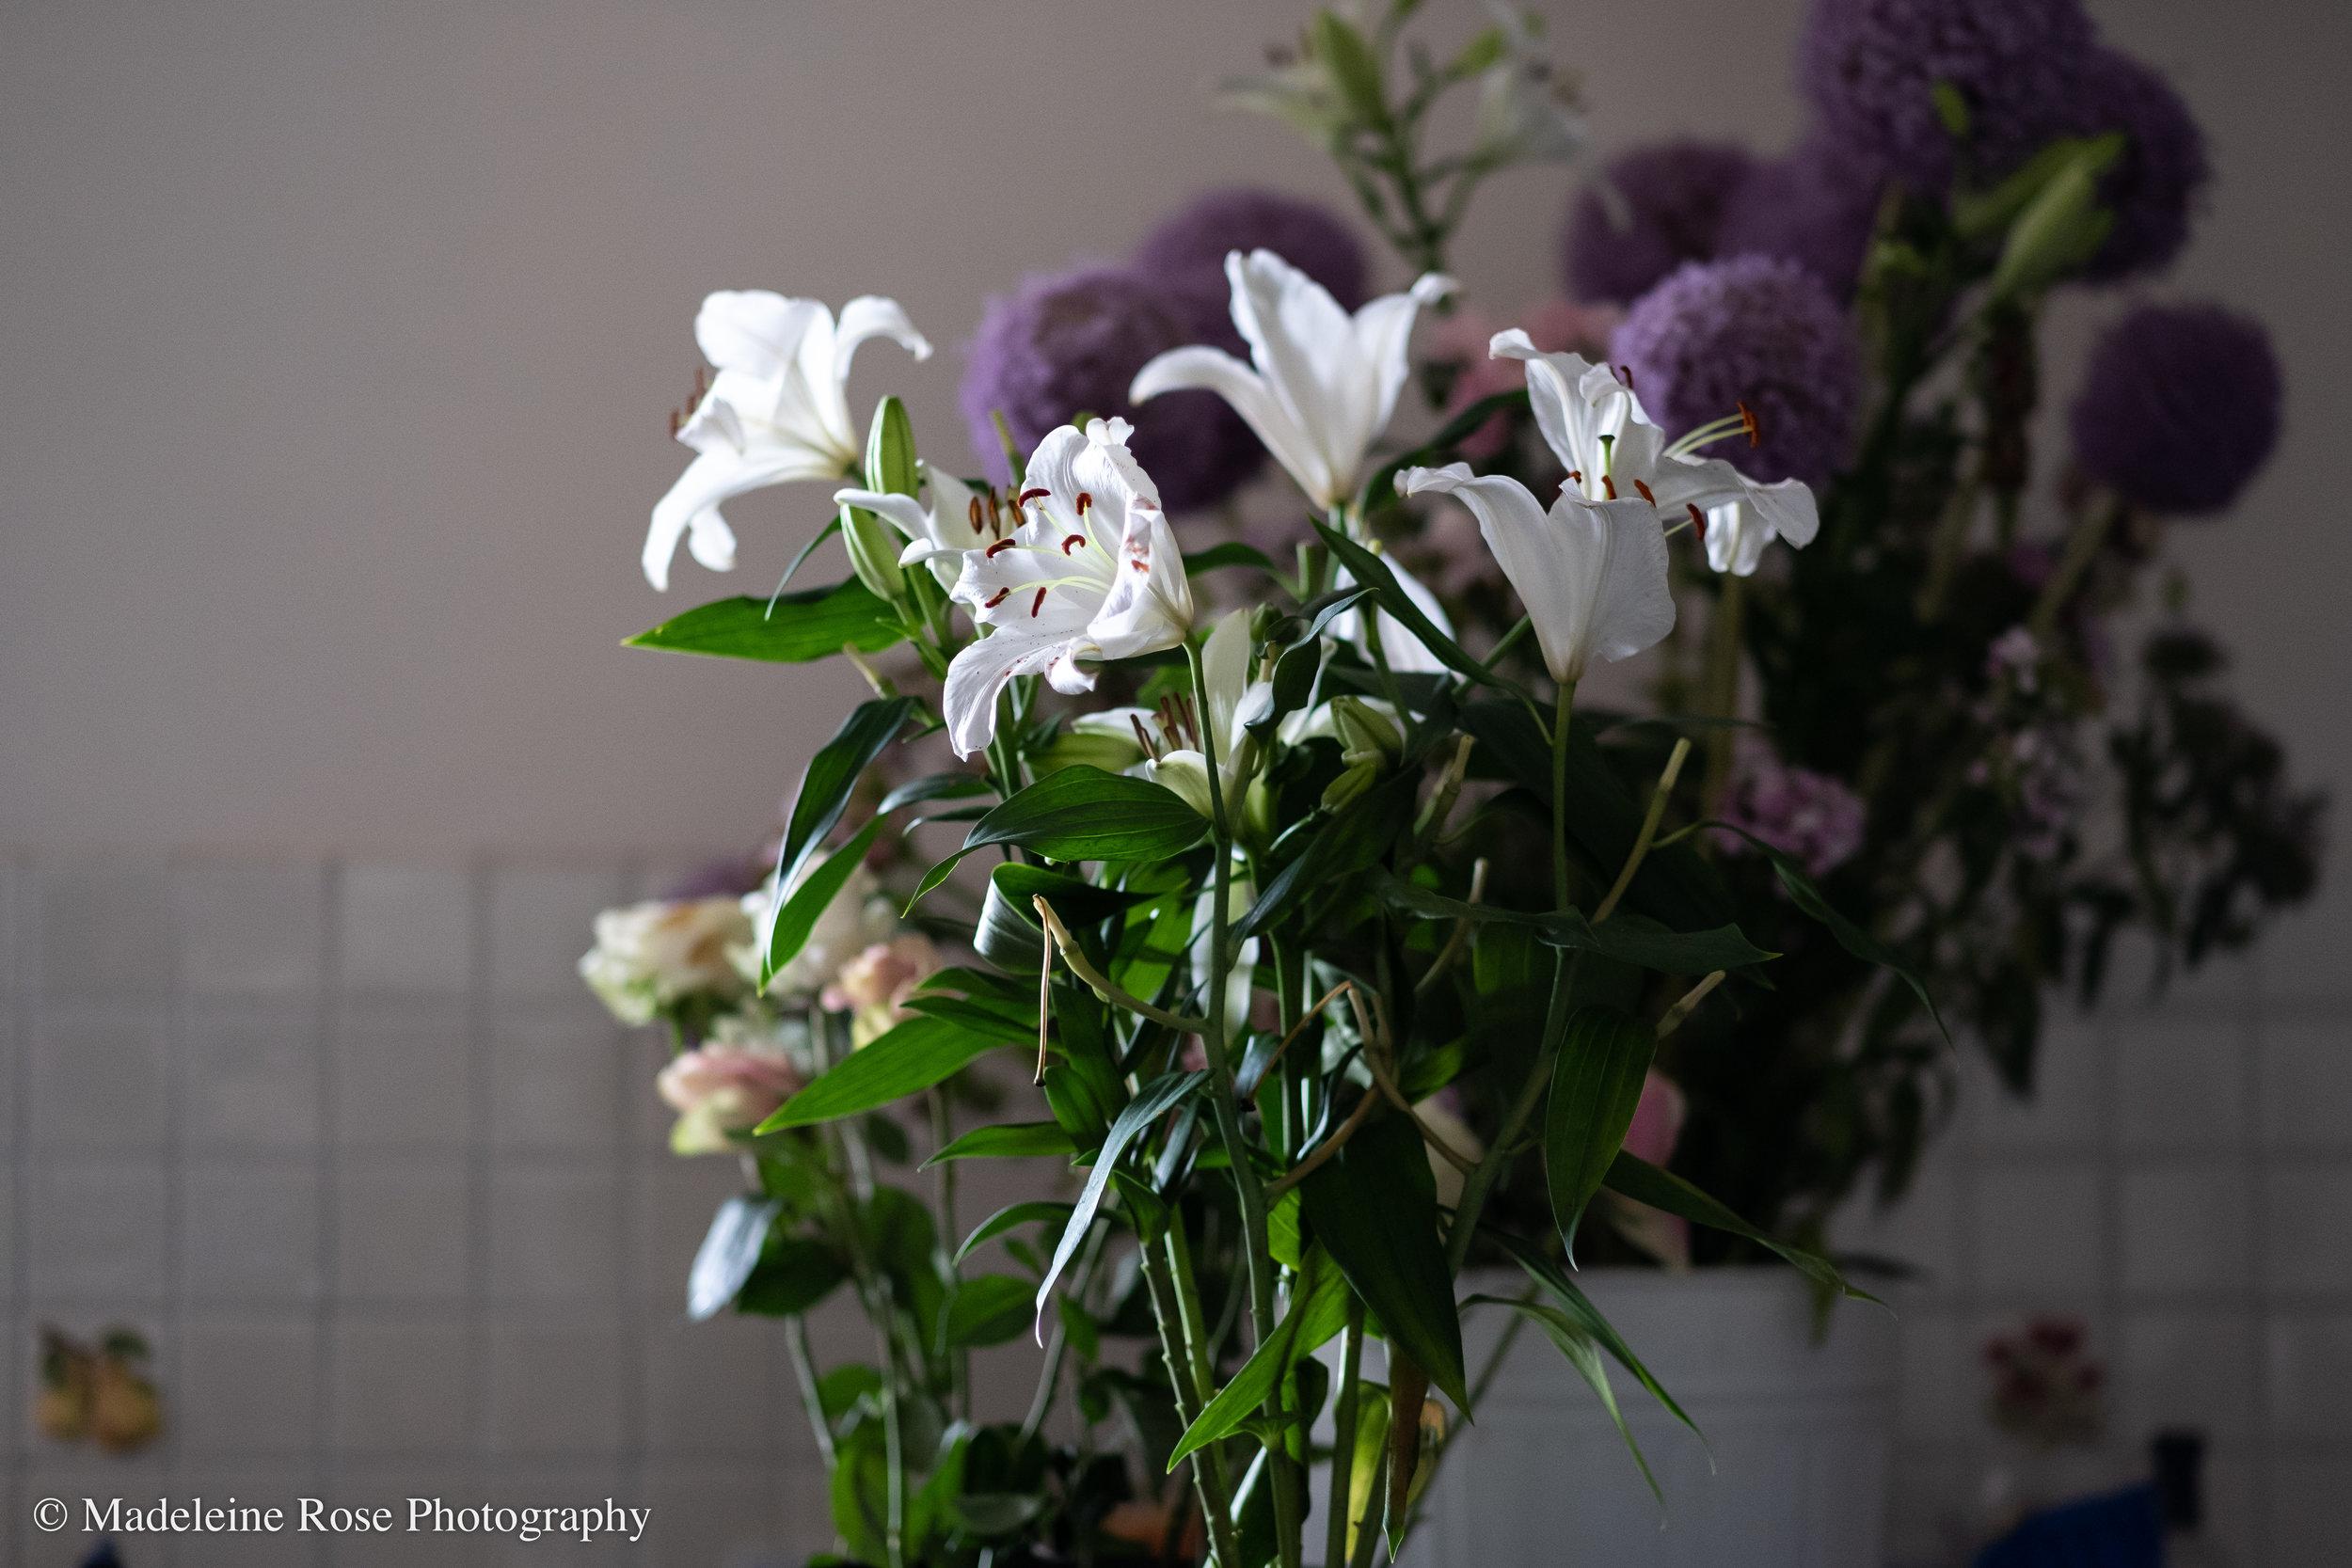 180811_EF_funeralflowers-16.jpg